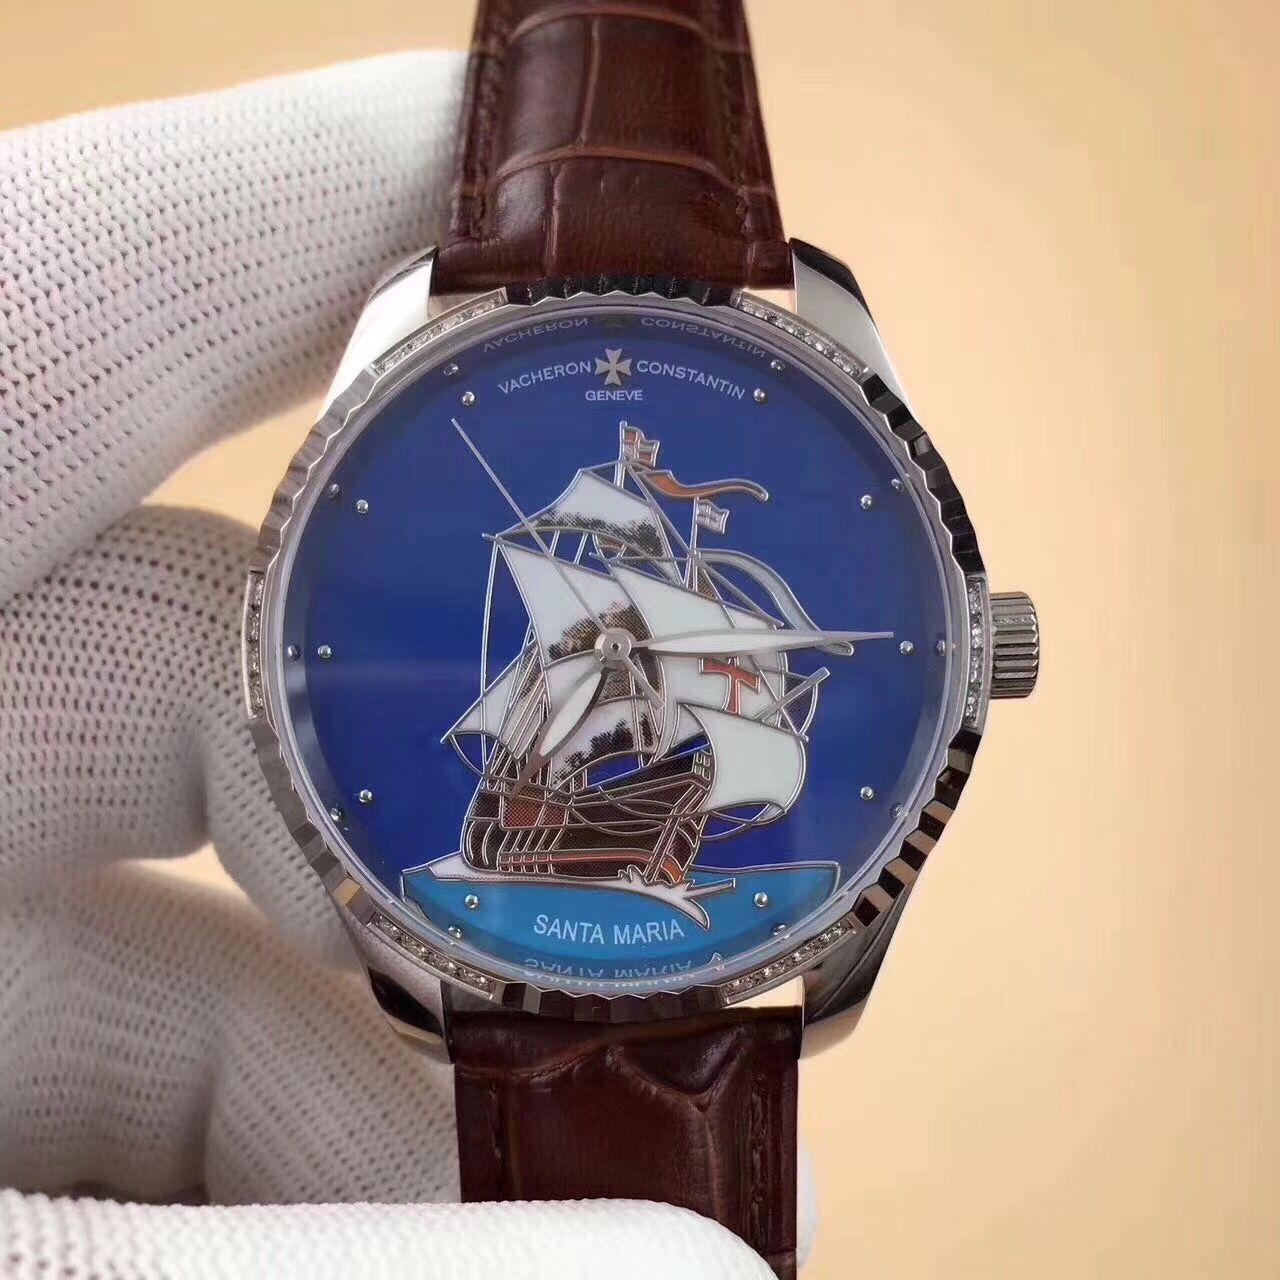 永恒的魅力 品鉴下列几款简约大气商务风的瑞士腕表